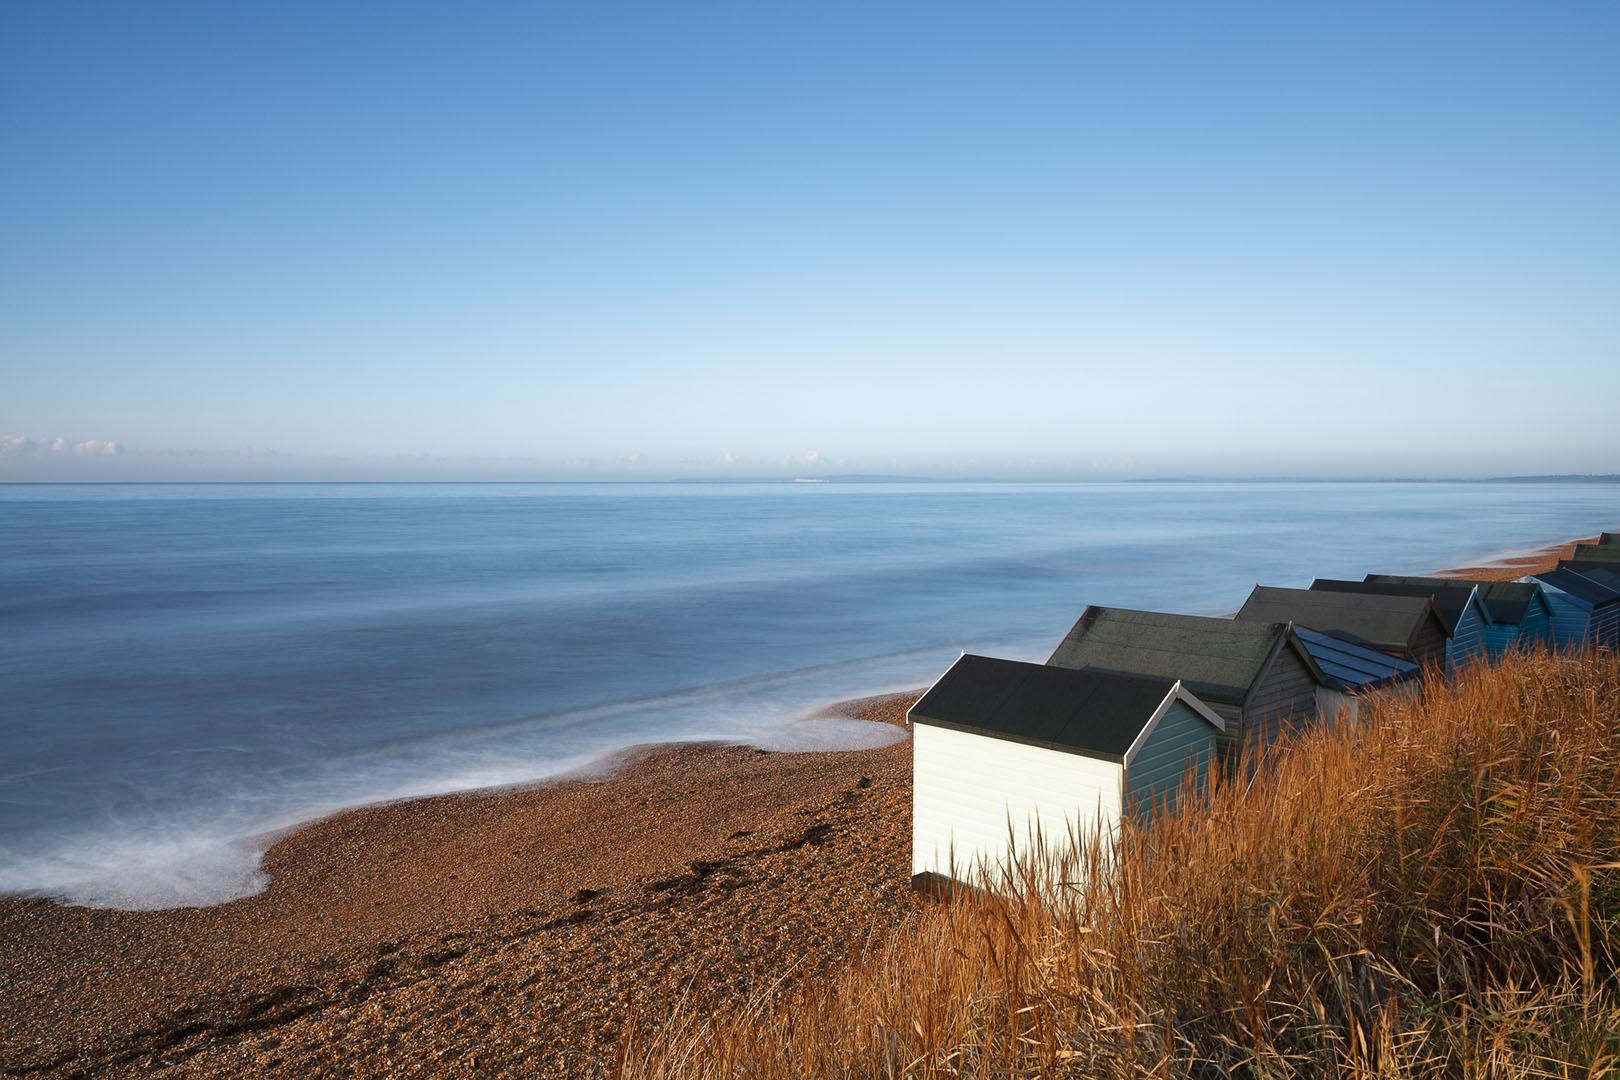 Milford on Sea dawn